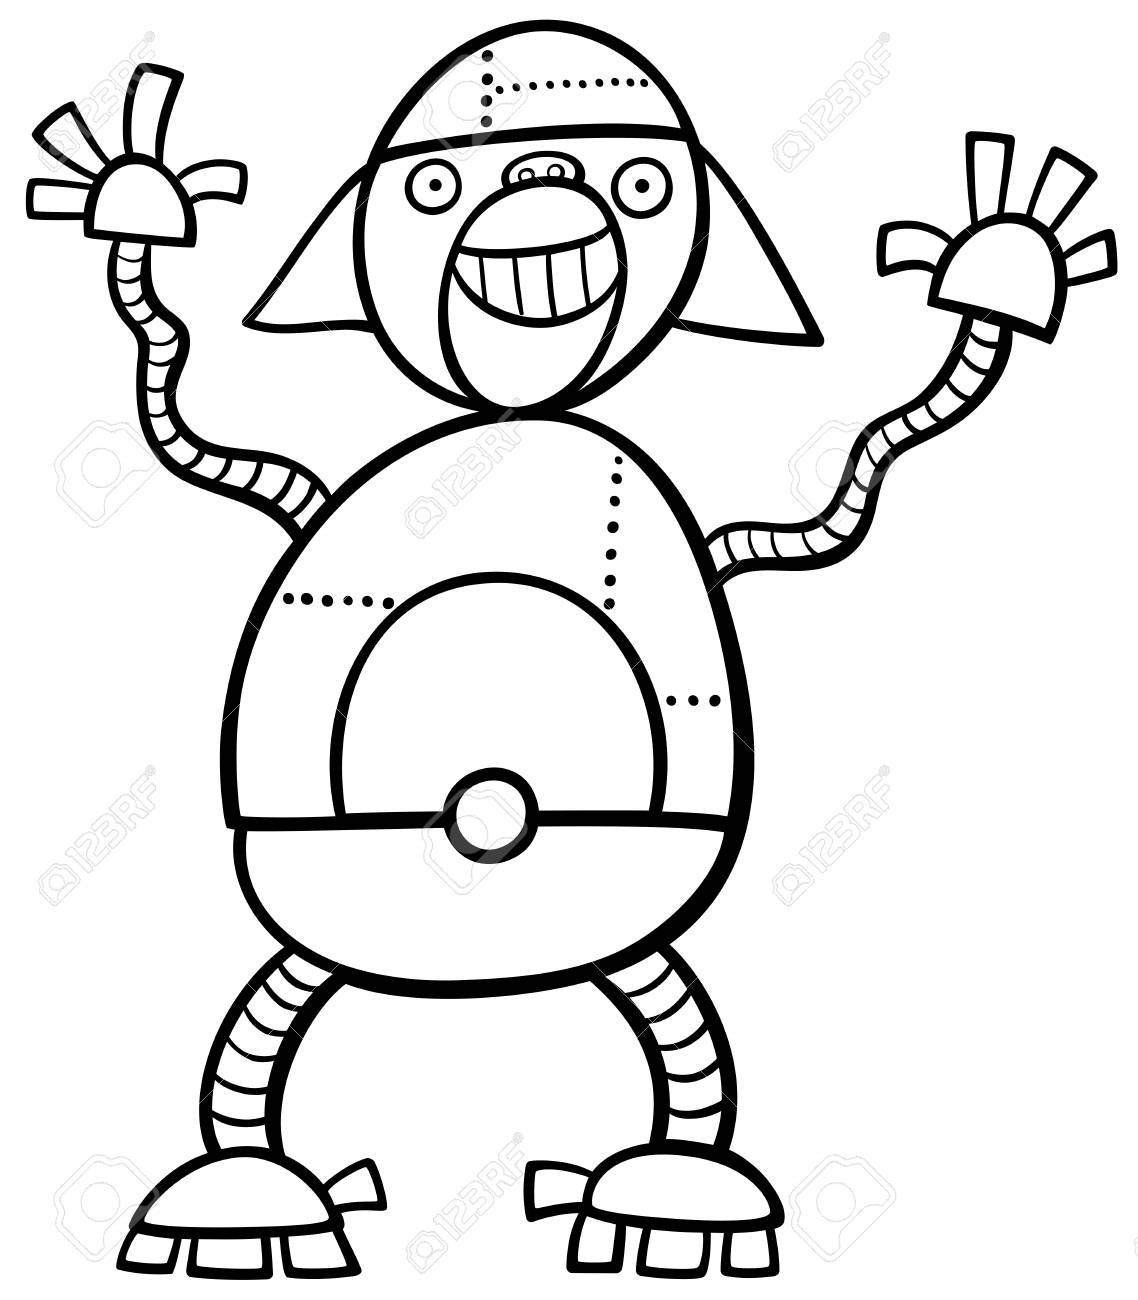 Ilustración De Dibujos Animados Blanco Y Negro De Ape Robot Ciencia Ficción O Personaje De Fantasía Para Colorear